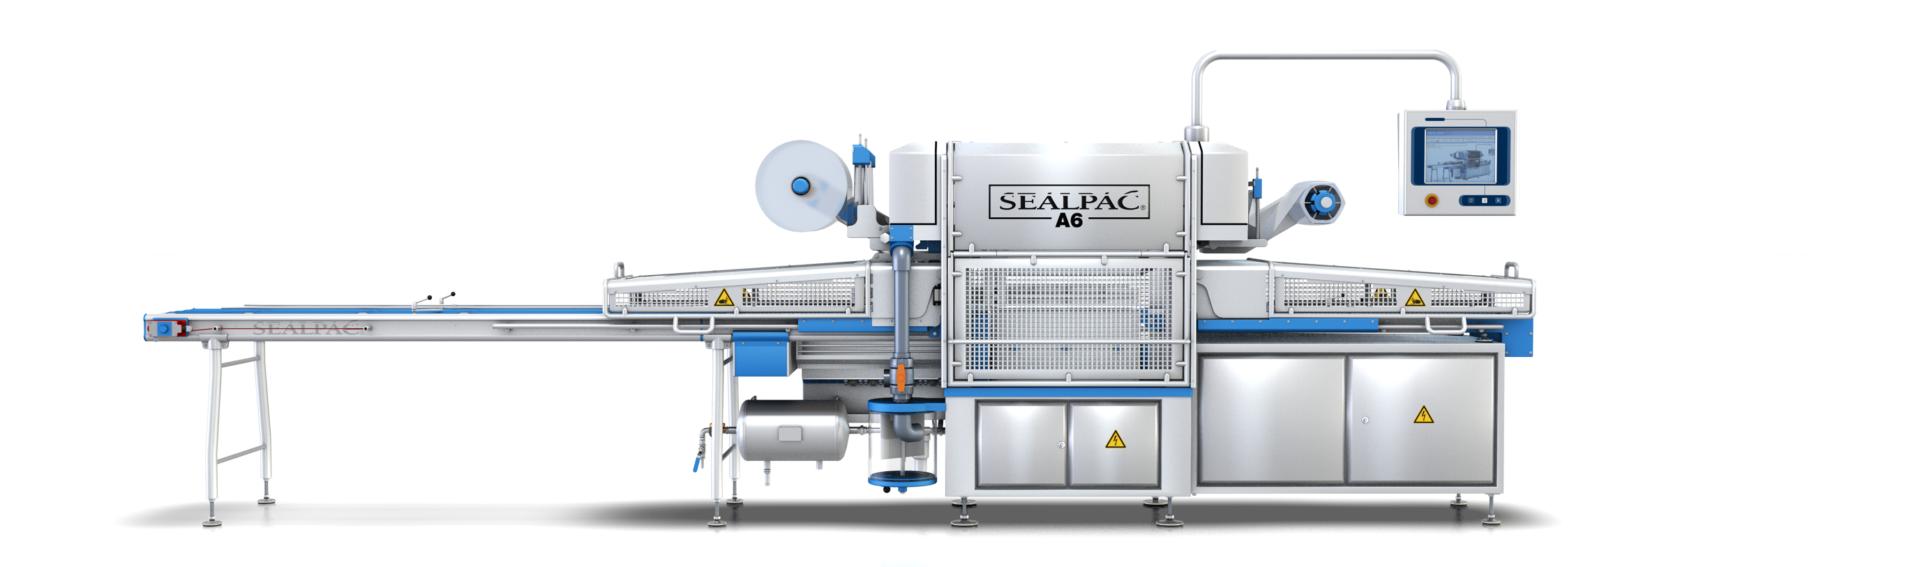 Schalensluitmachine – Traysealer Sealpac A6